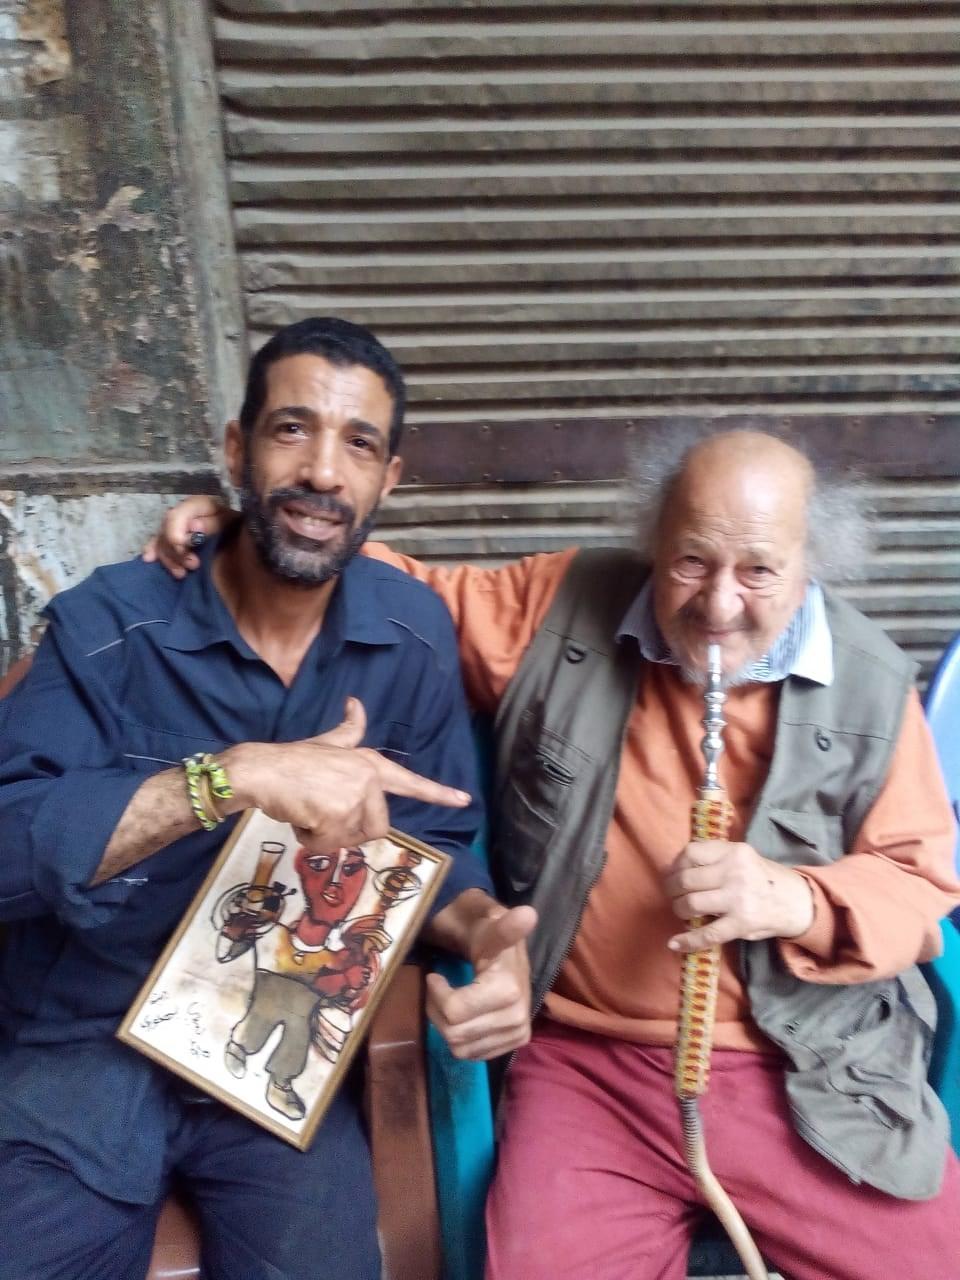 جورج البهجوري.. فنان عالمي يهدي لوحاته لمقاهي القاهرة